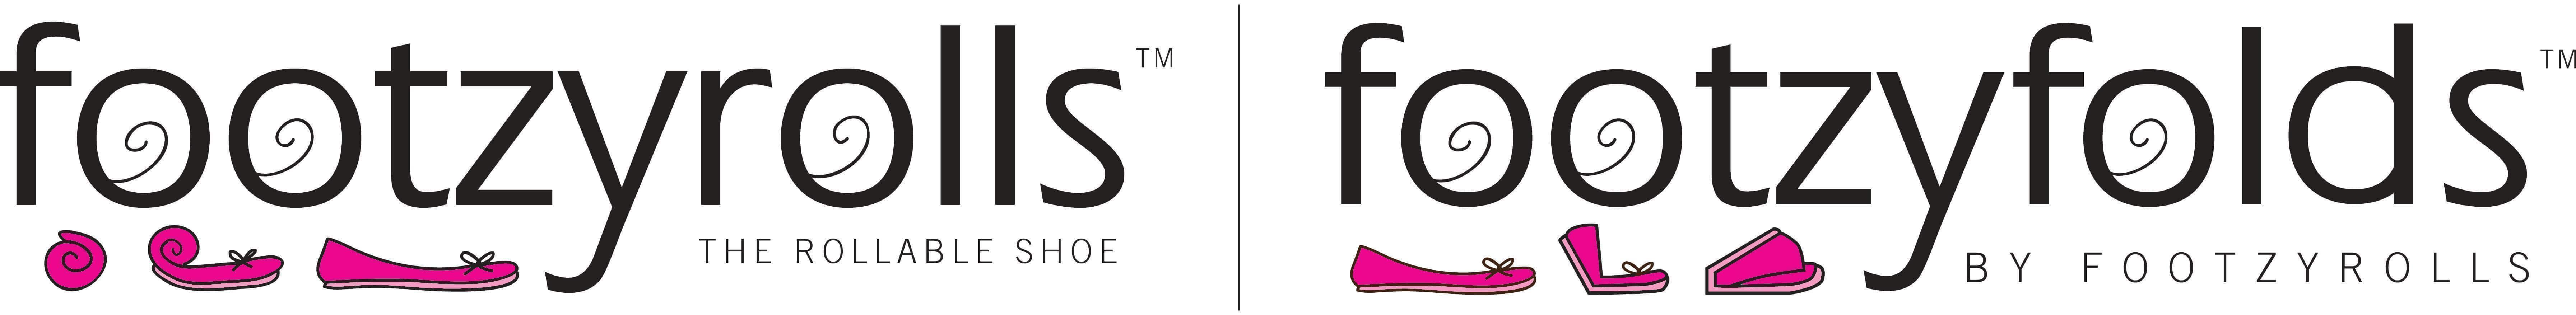 Footzyrolls Footzyfolds